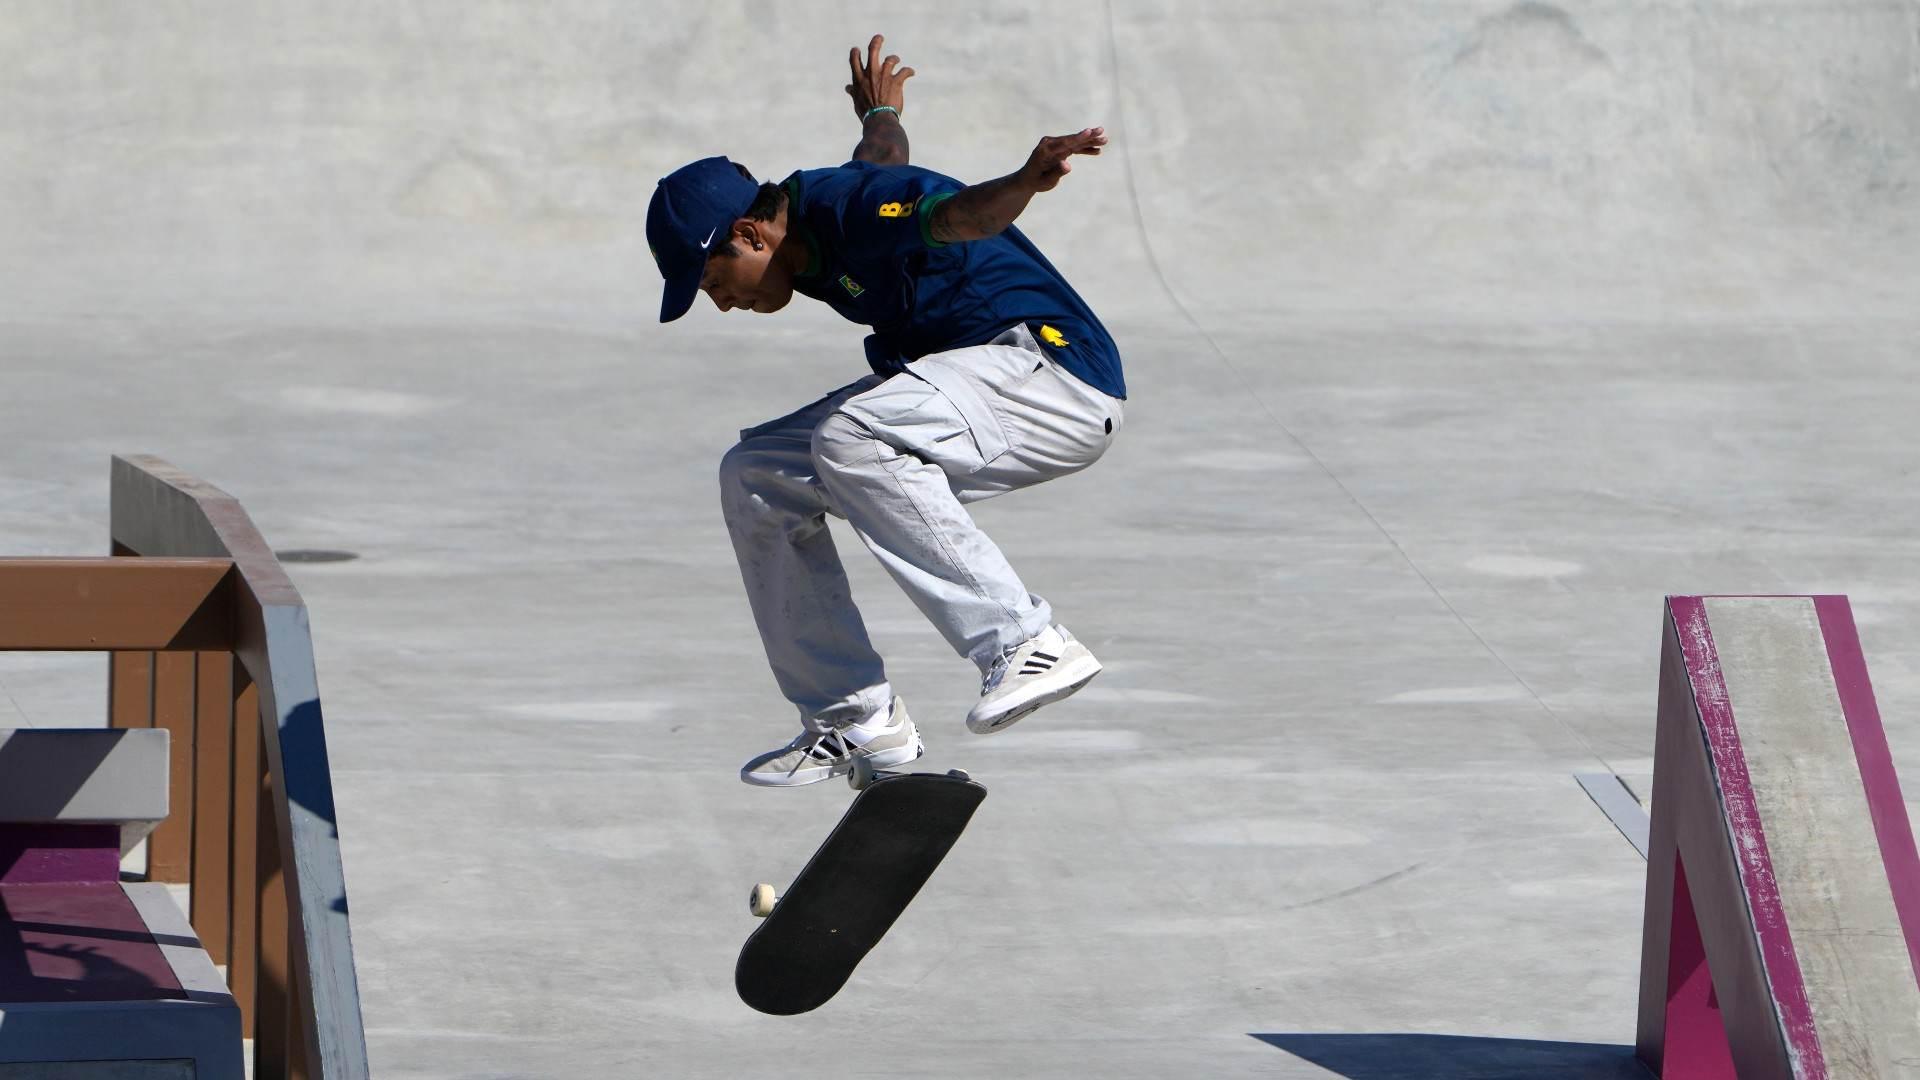 Brasileiro Gustavo Felipe abriu a competição do skate nas Olimpíadas